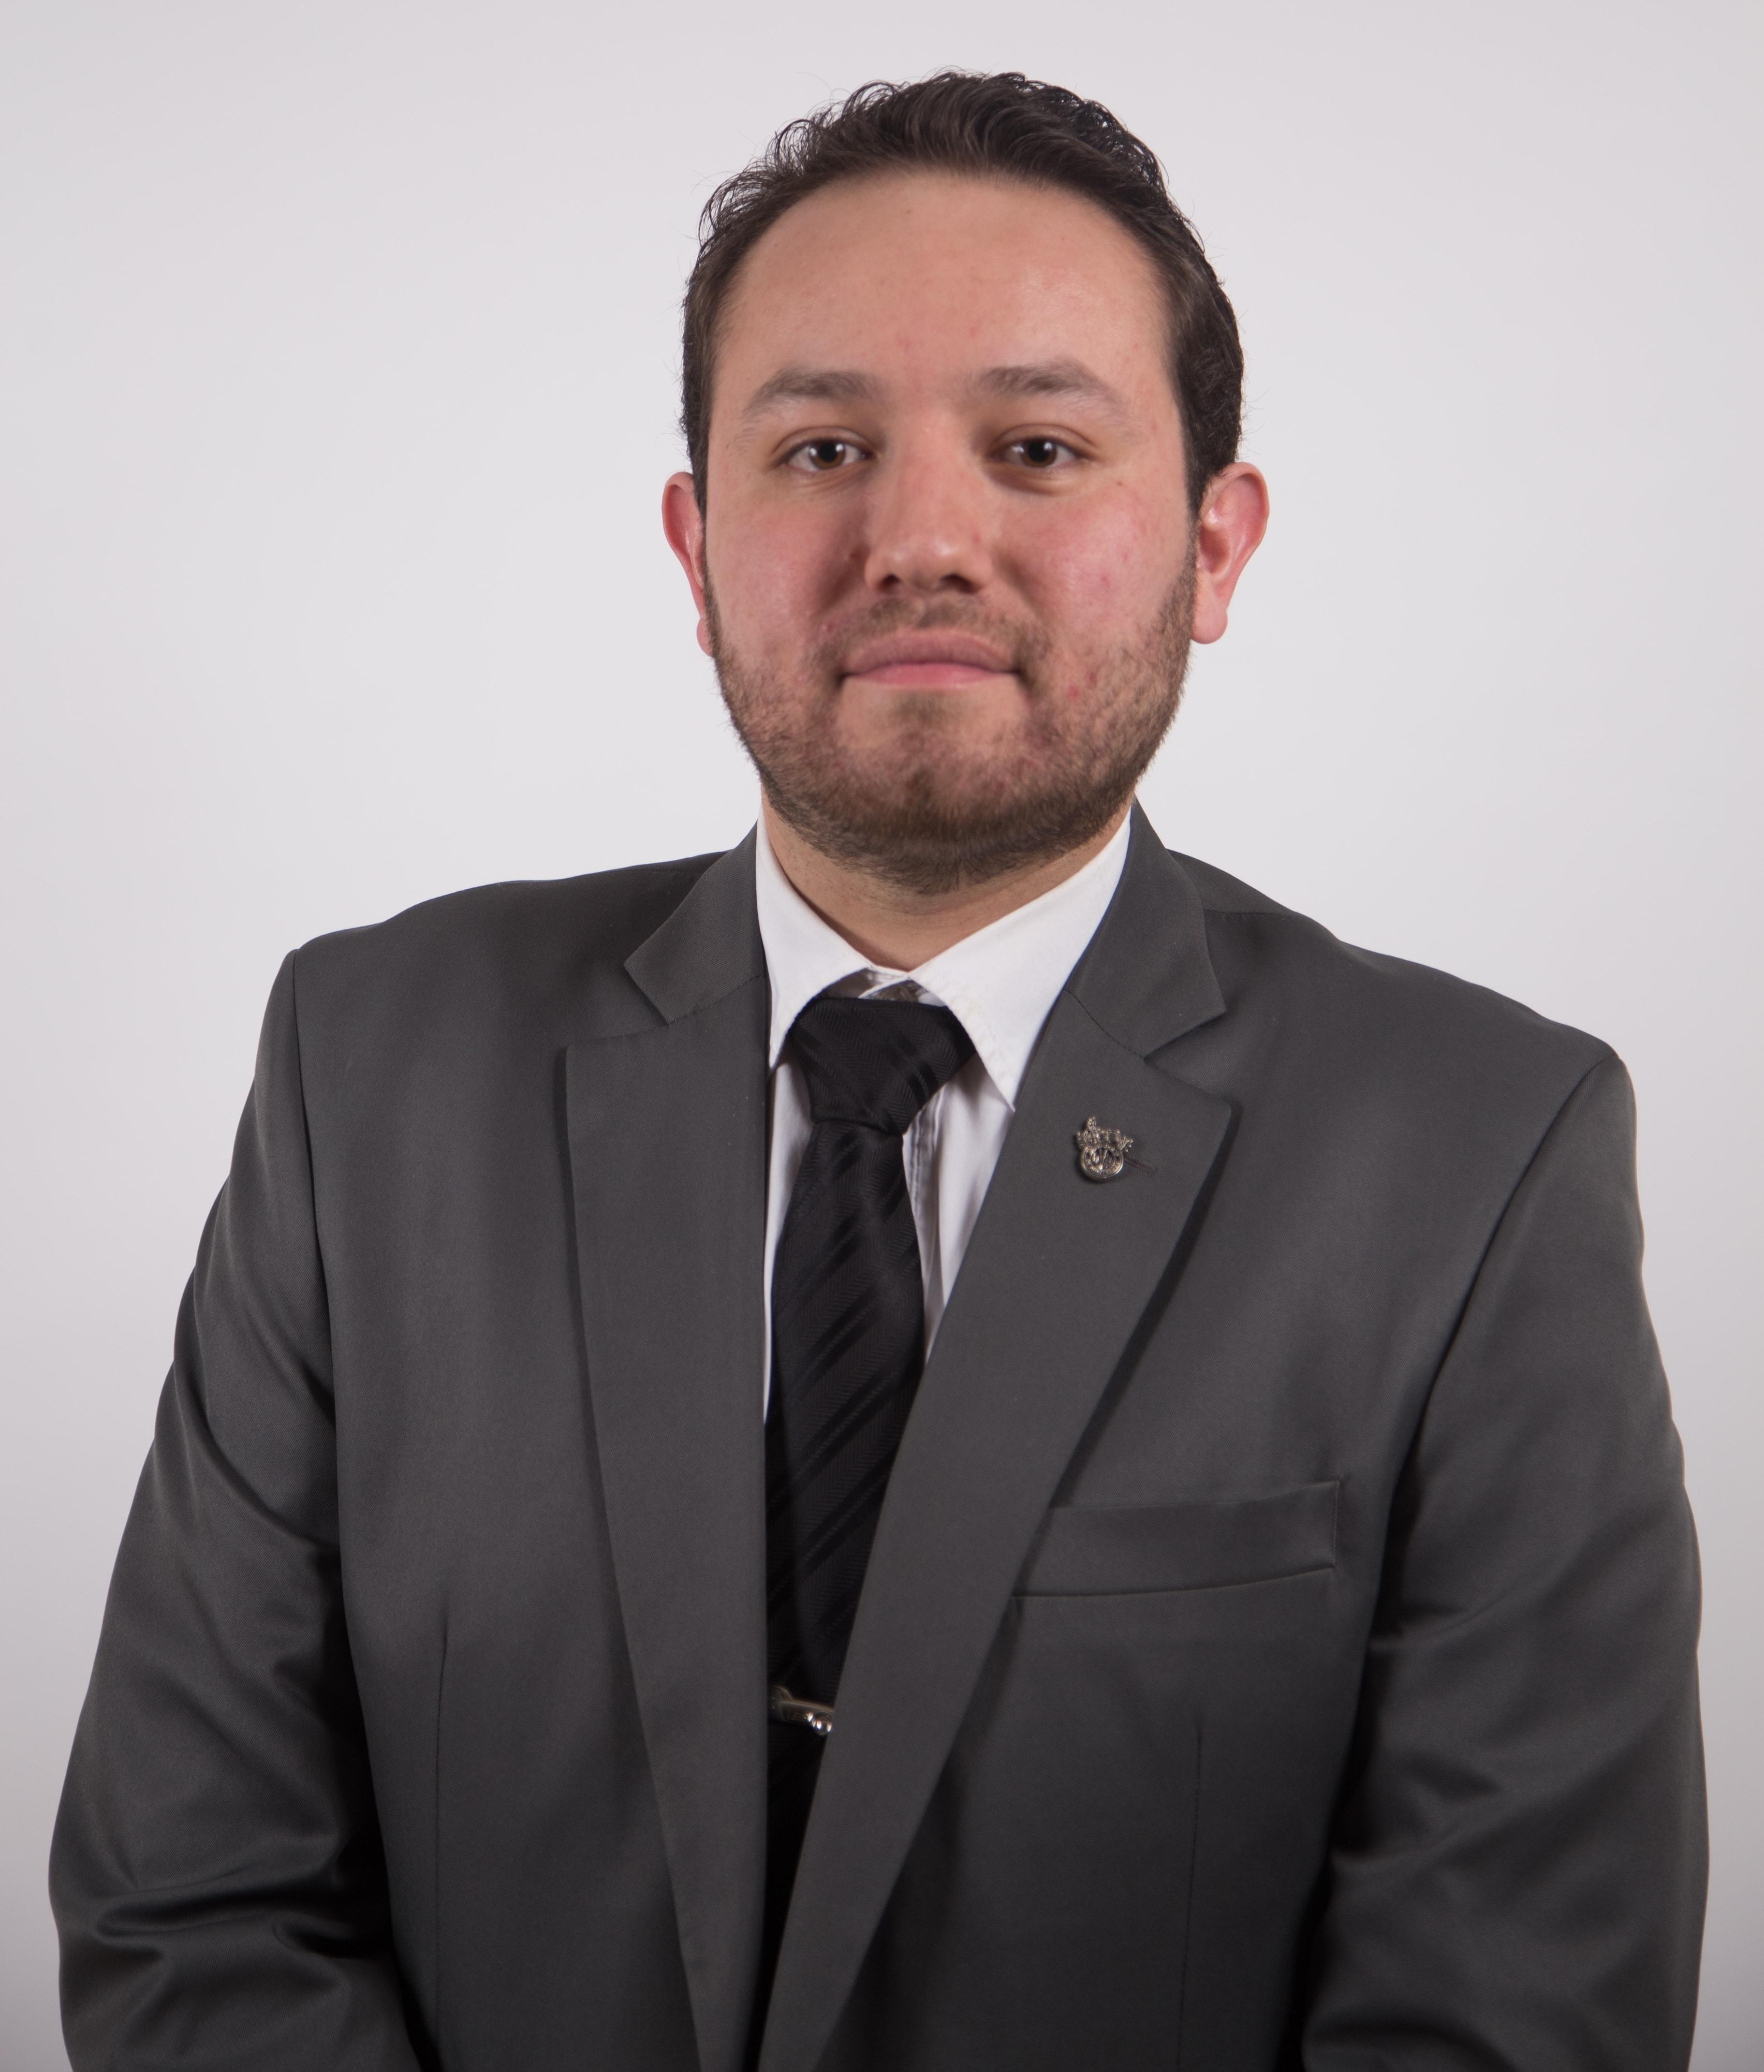 Allan Villegas-Mateos